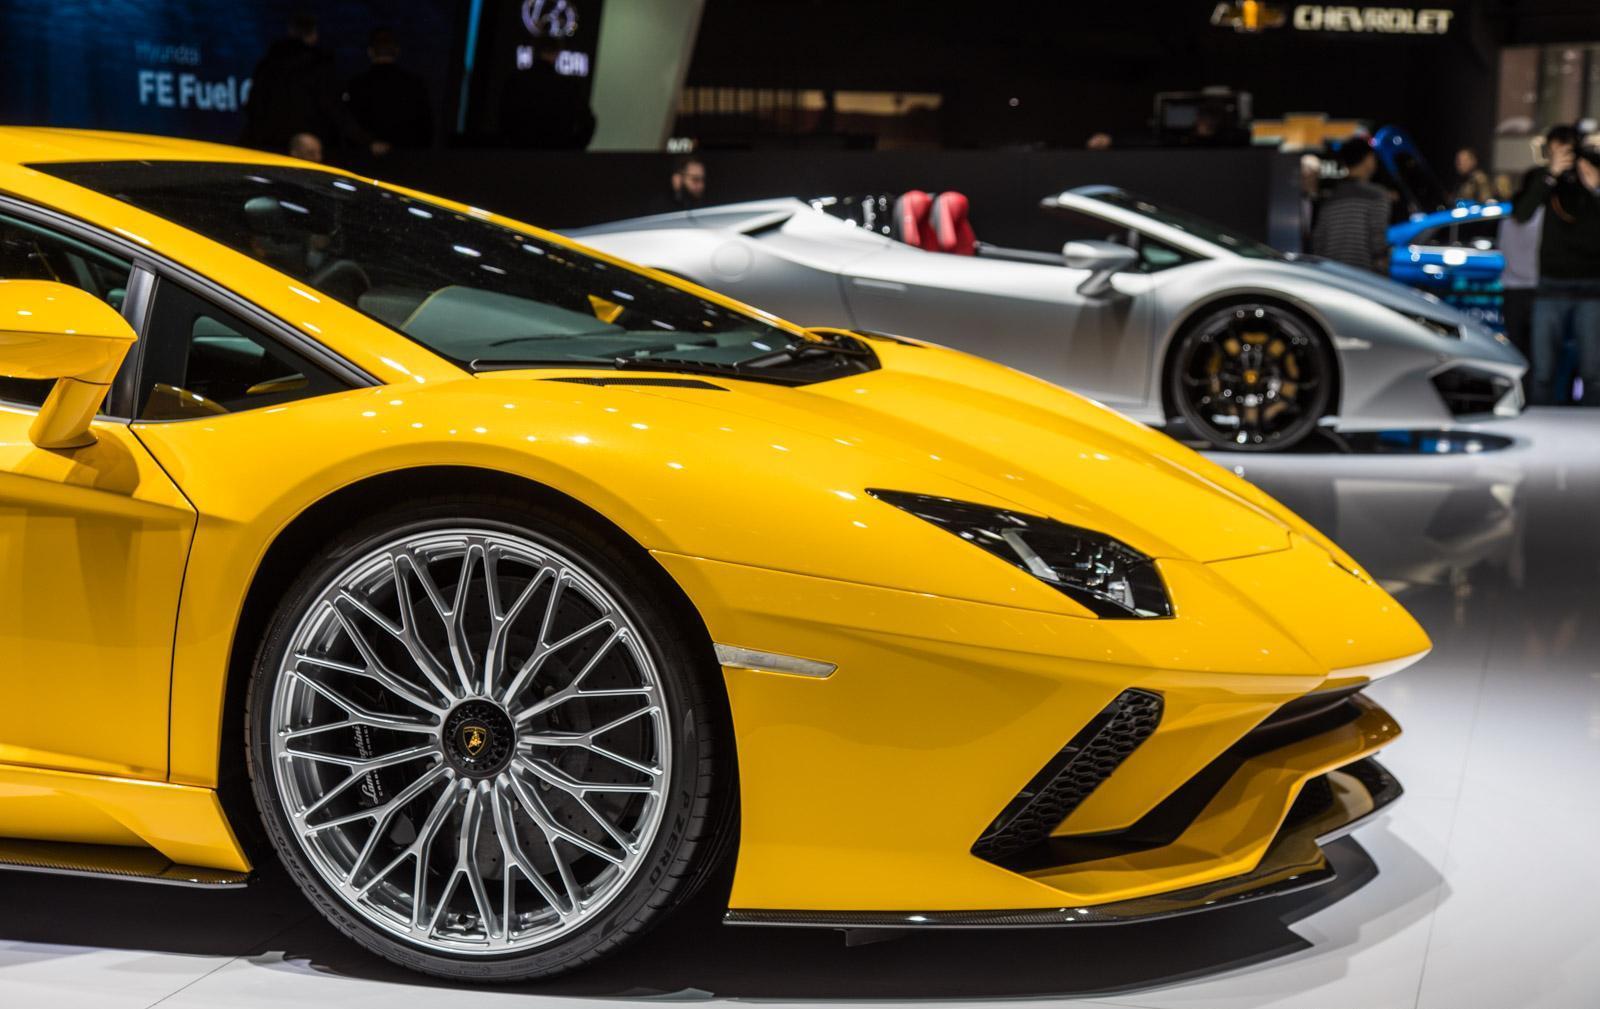 Lamborghini-aventador-s-003